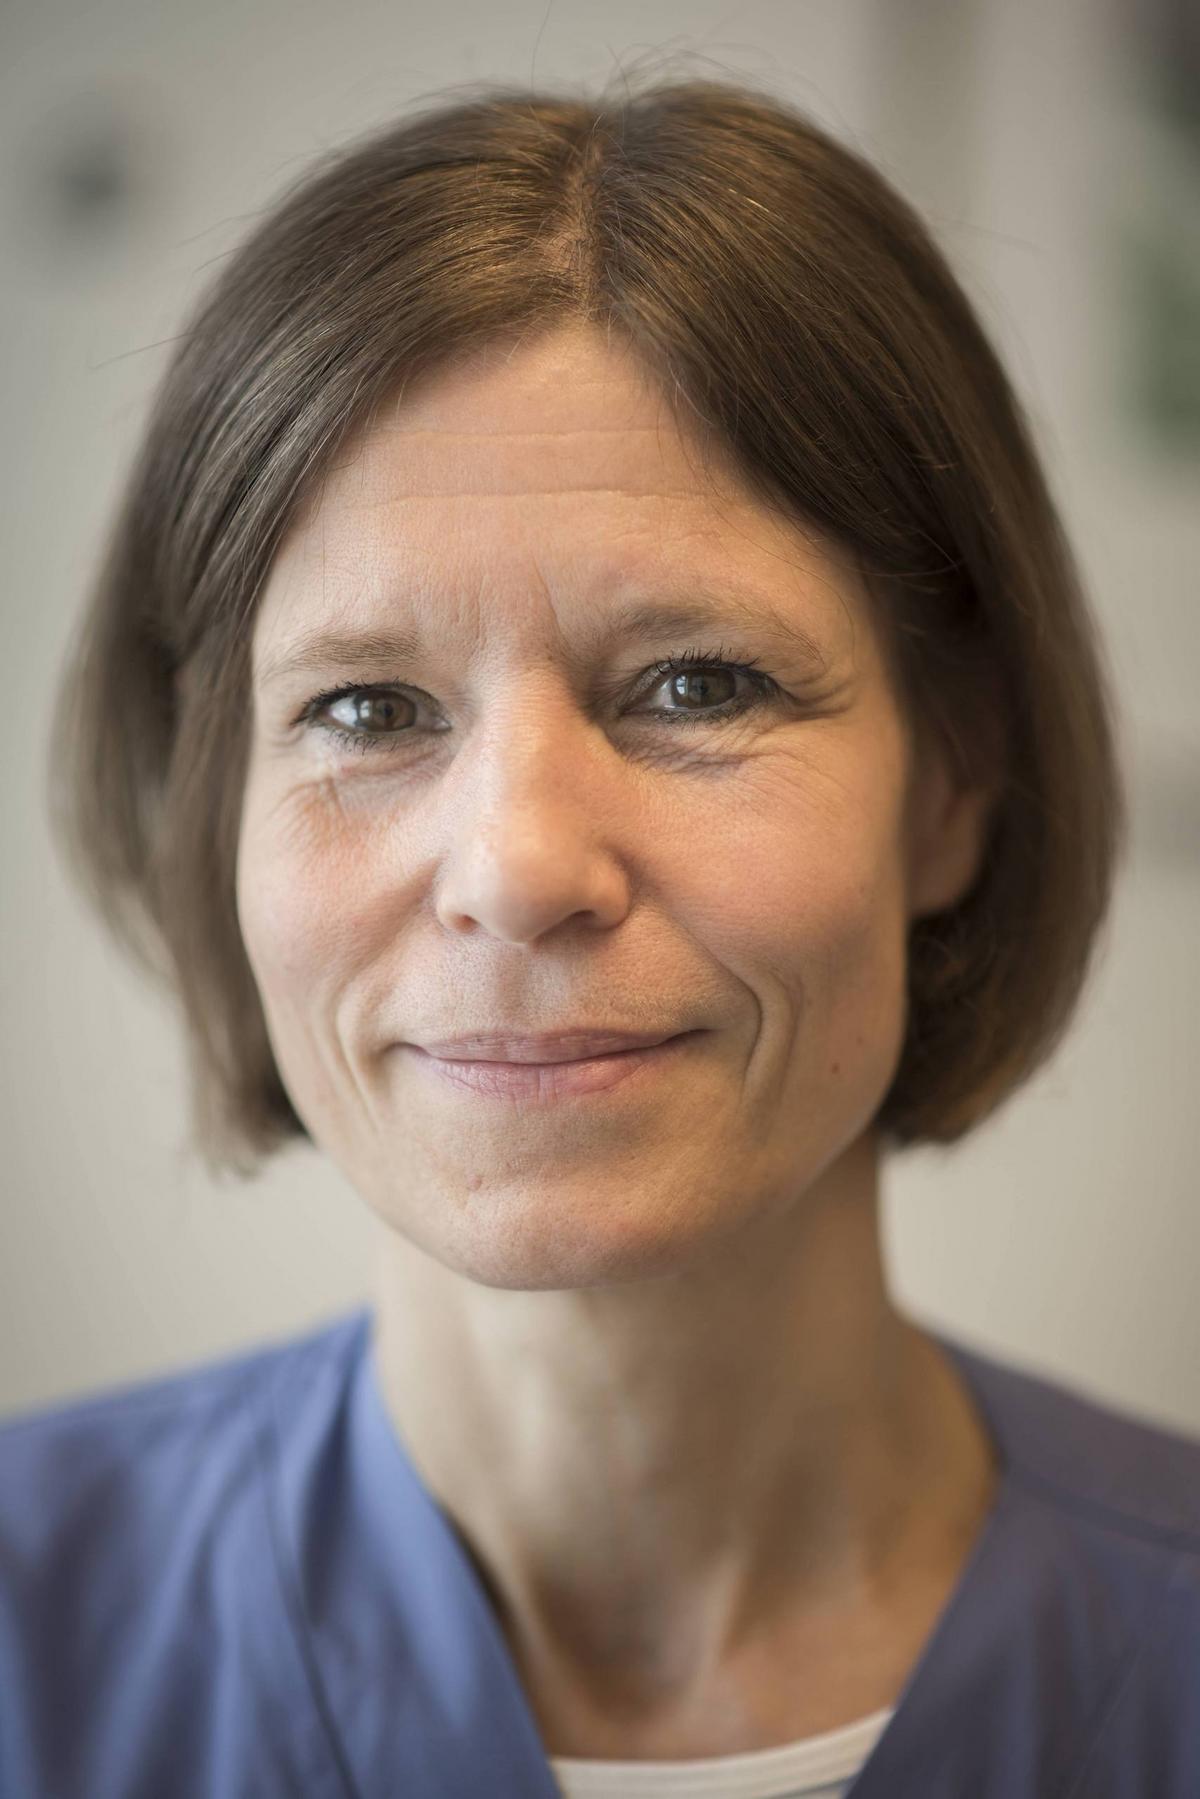 Dr. Karin Papworth